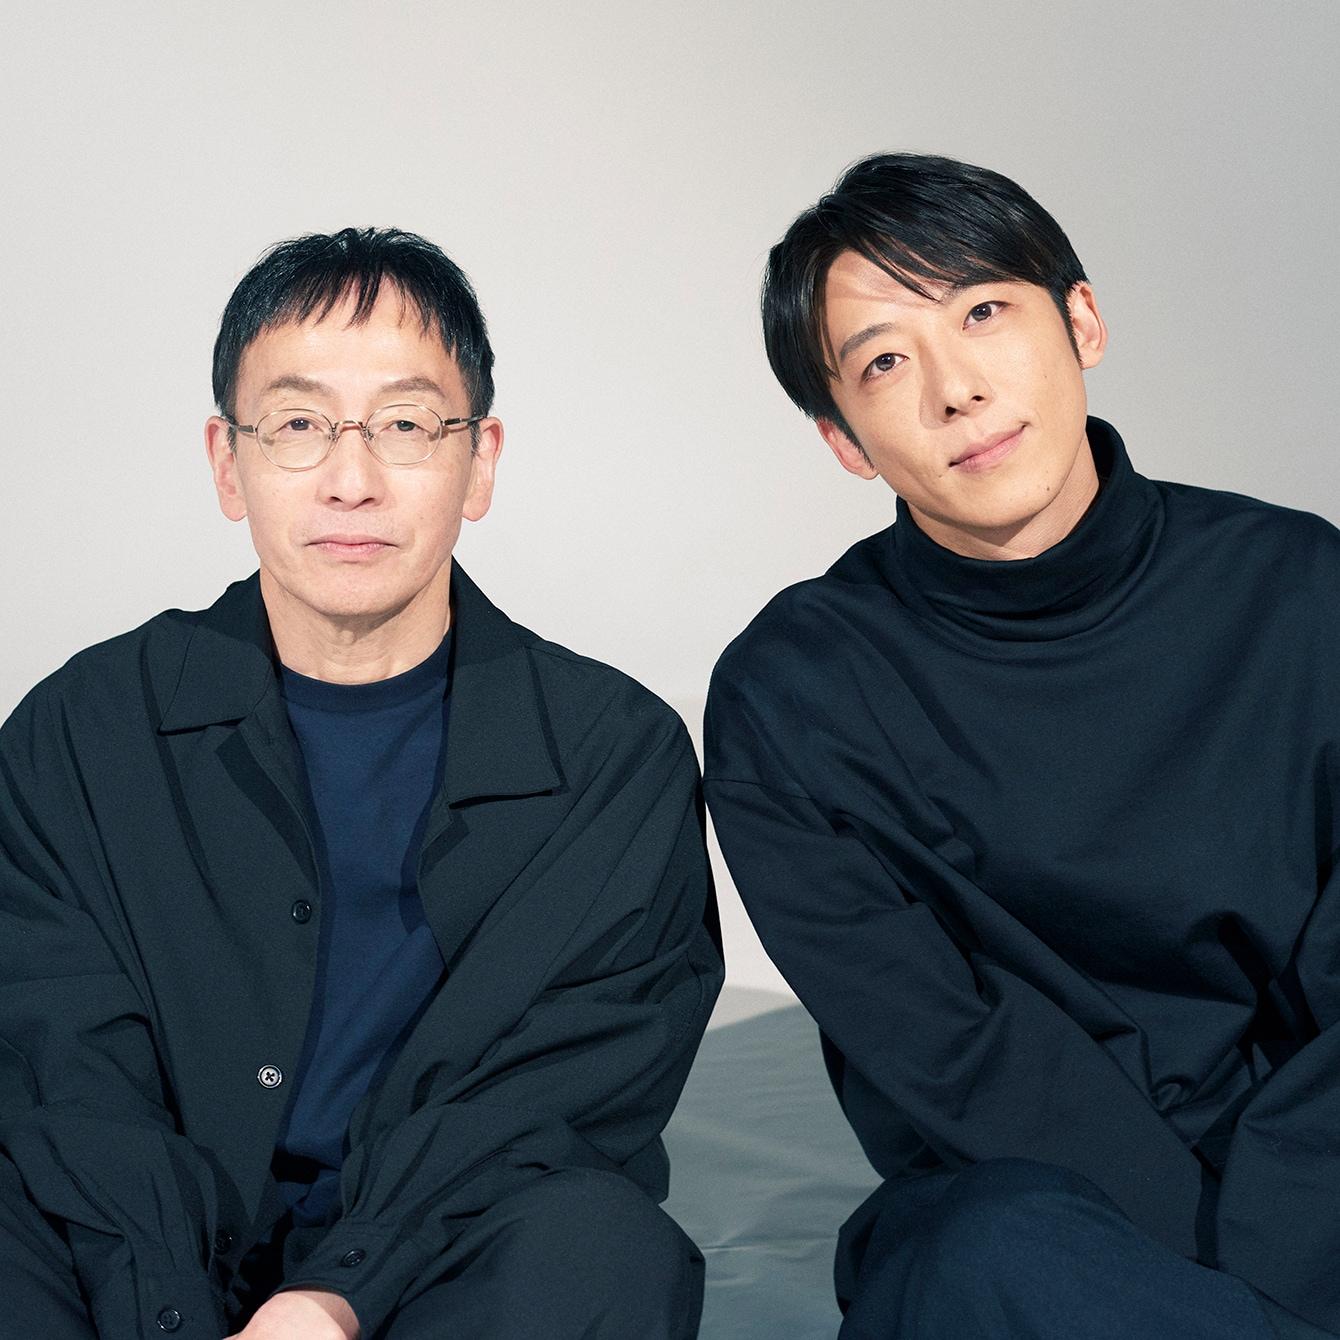 【初対談】高橋一生の俳優人生を変えた、野田秀樹の衝撃の演技とは?